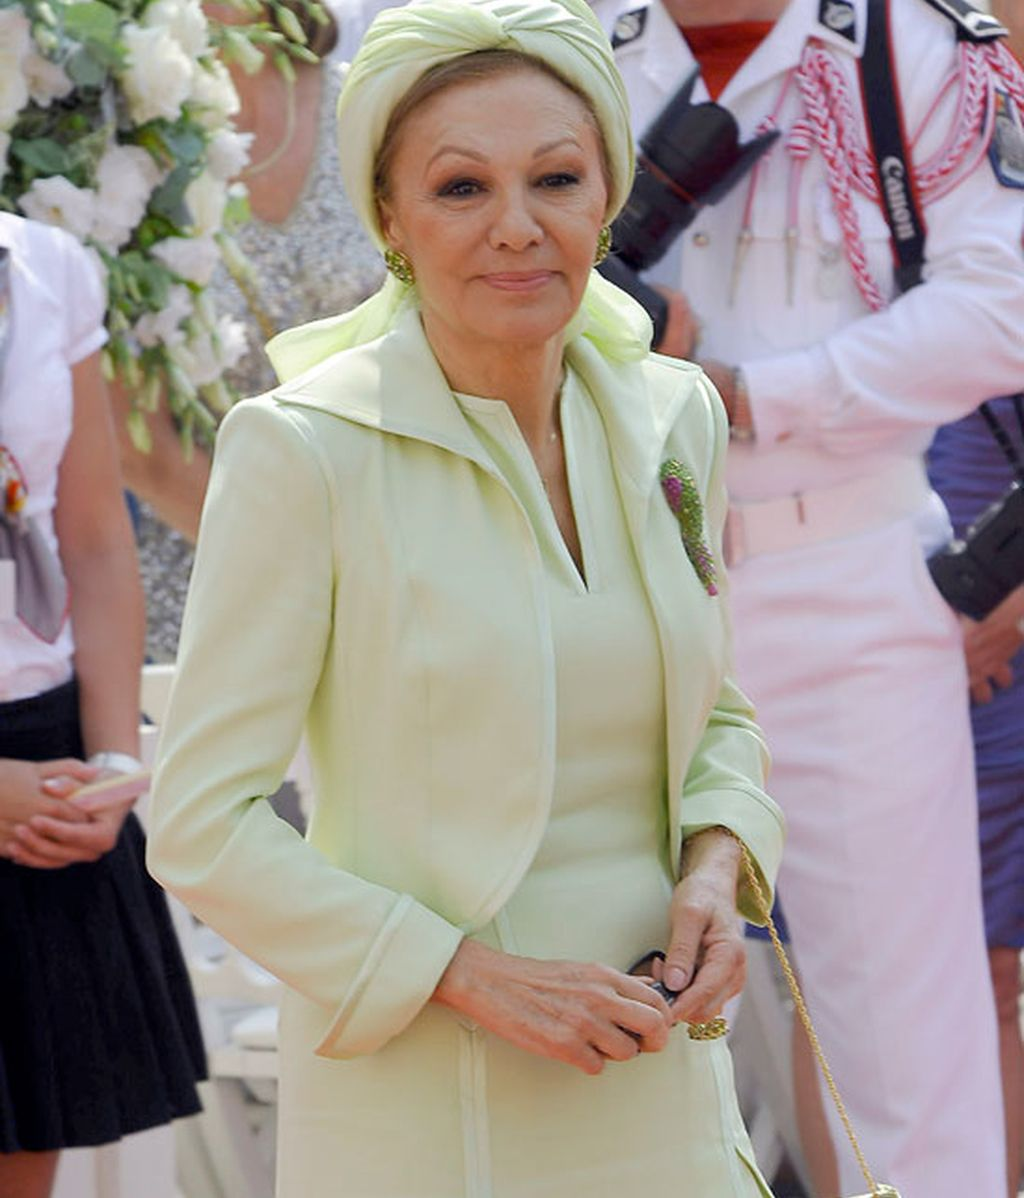 Los invitados al enlace religioso en Mónaco